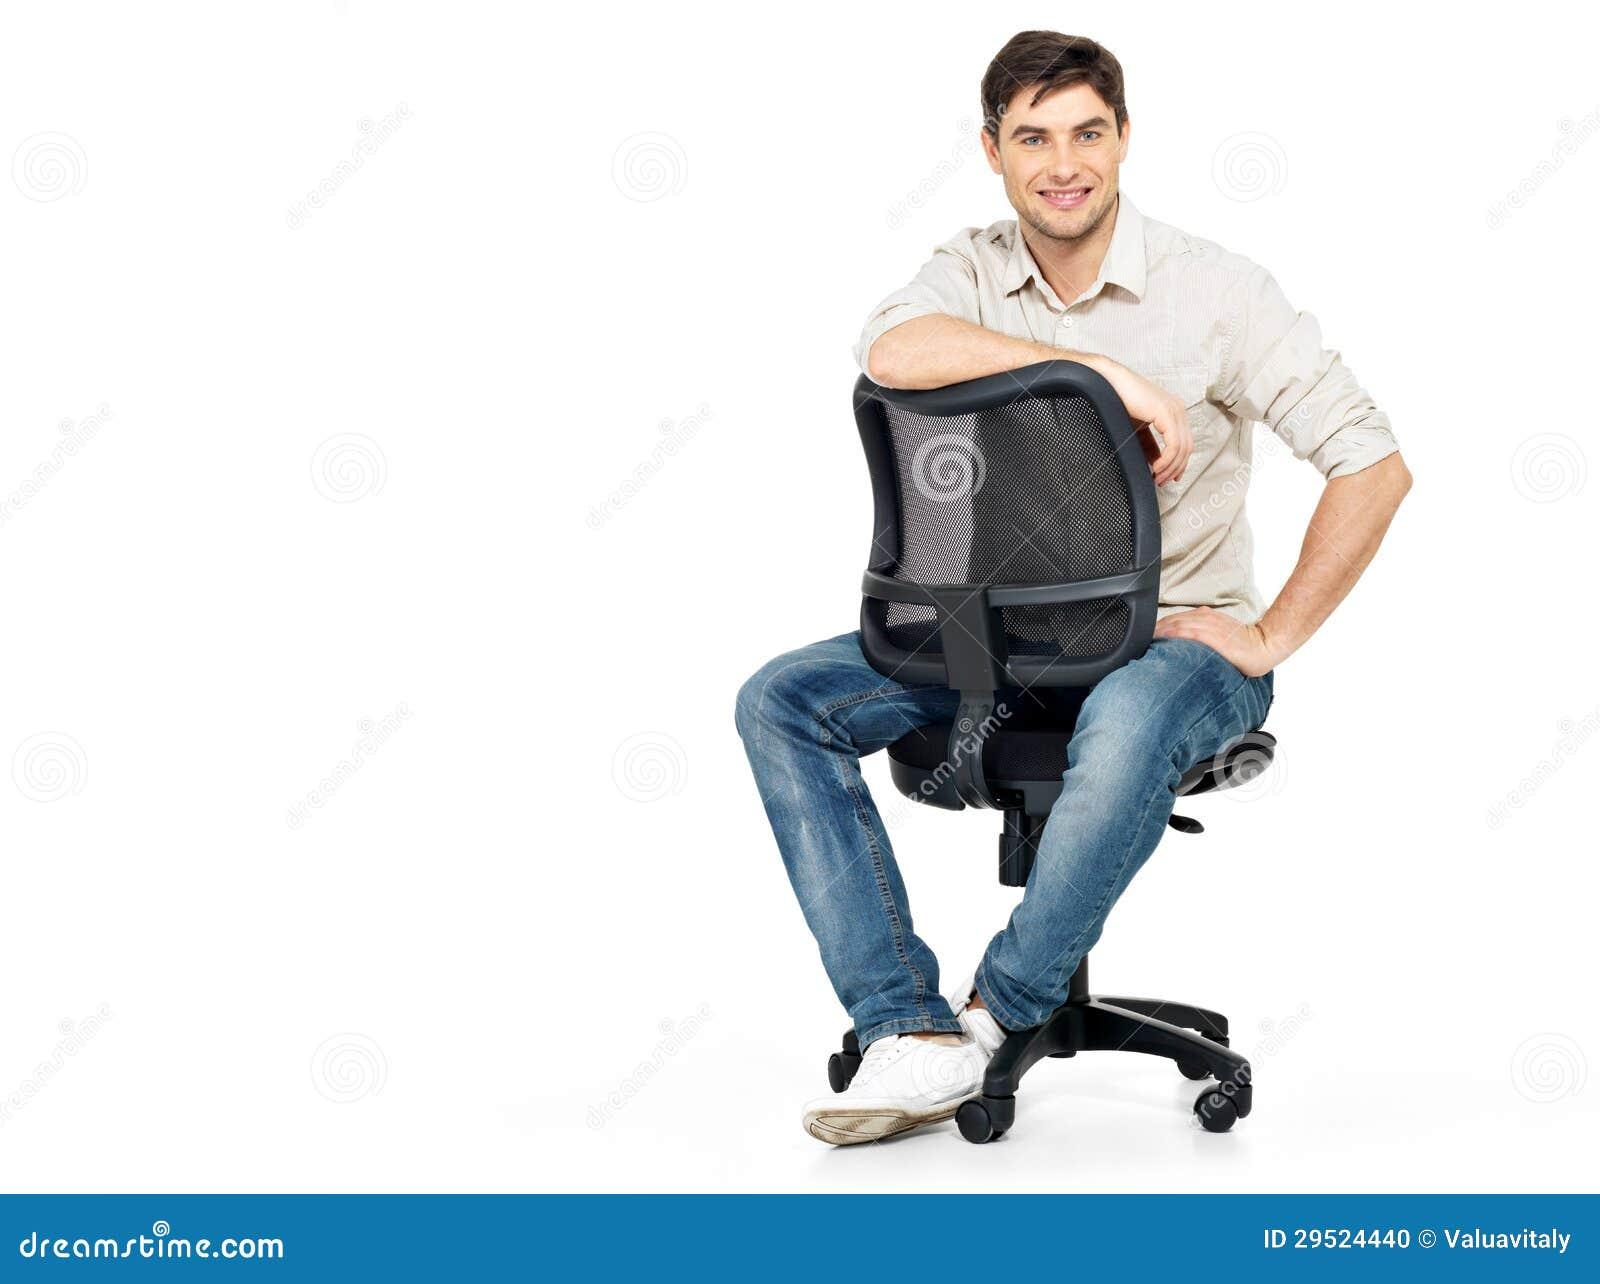 Фото сидит верхом на парне 20 фотография